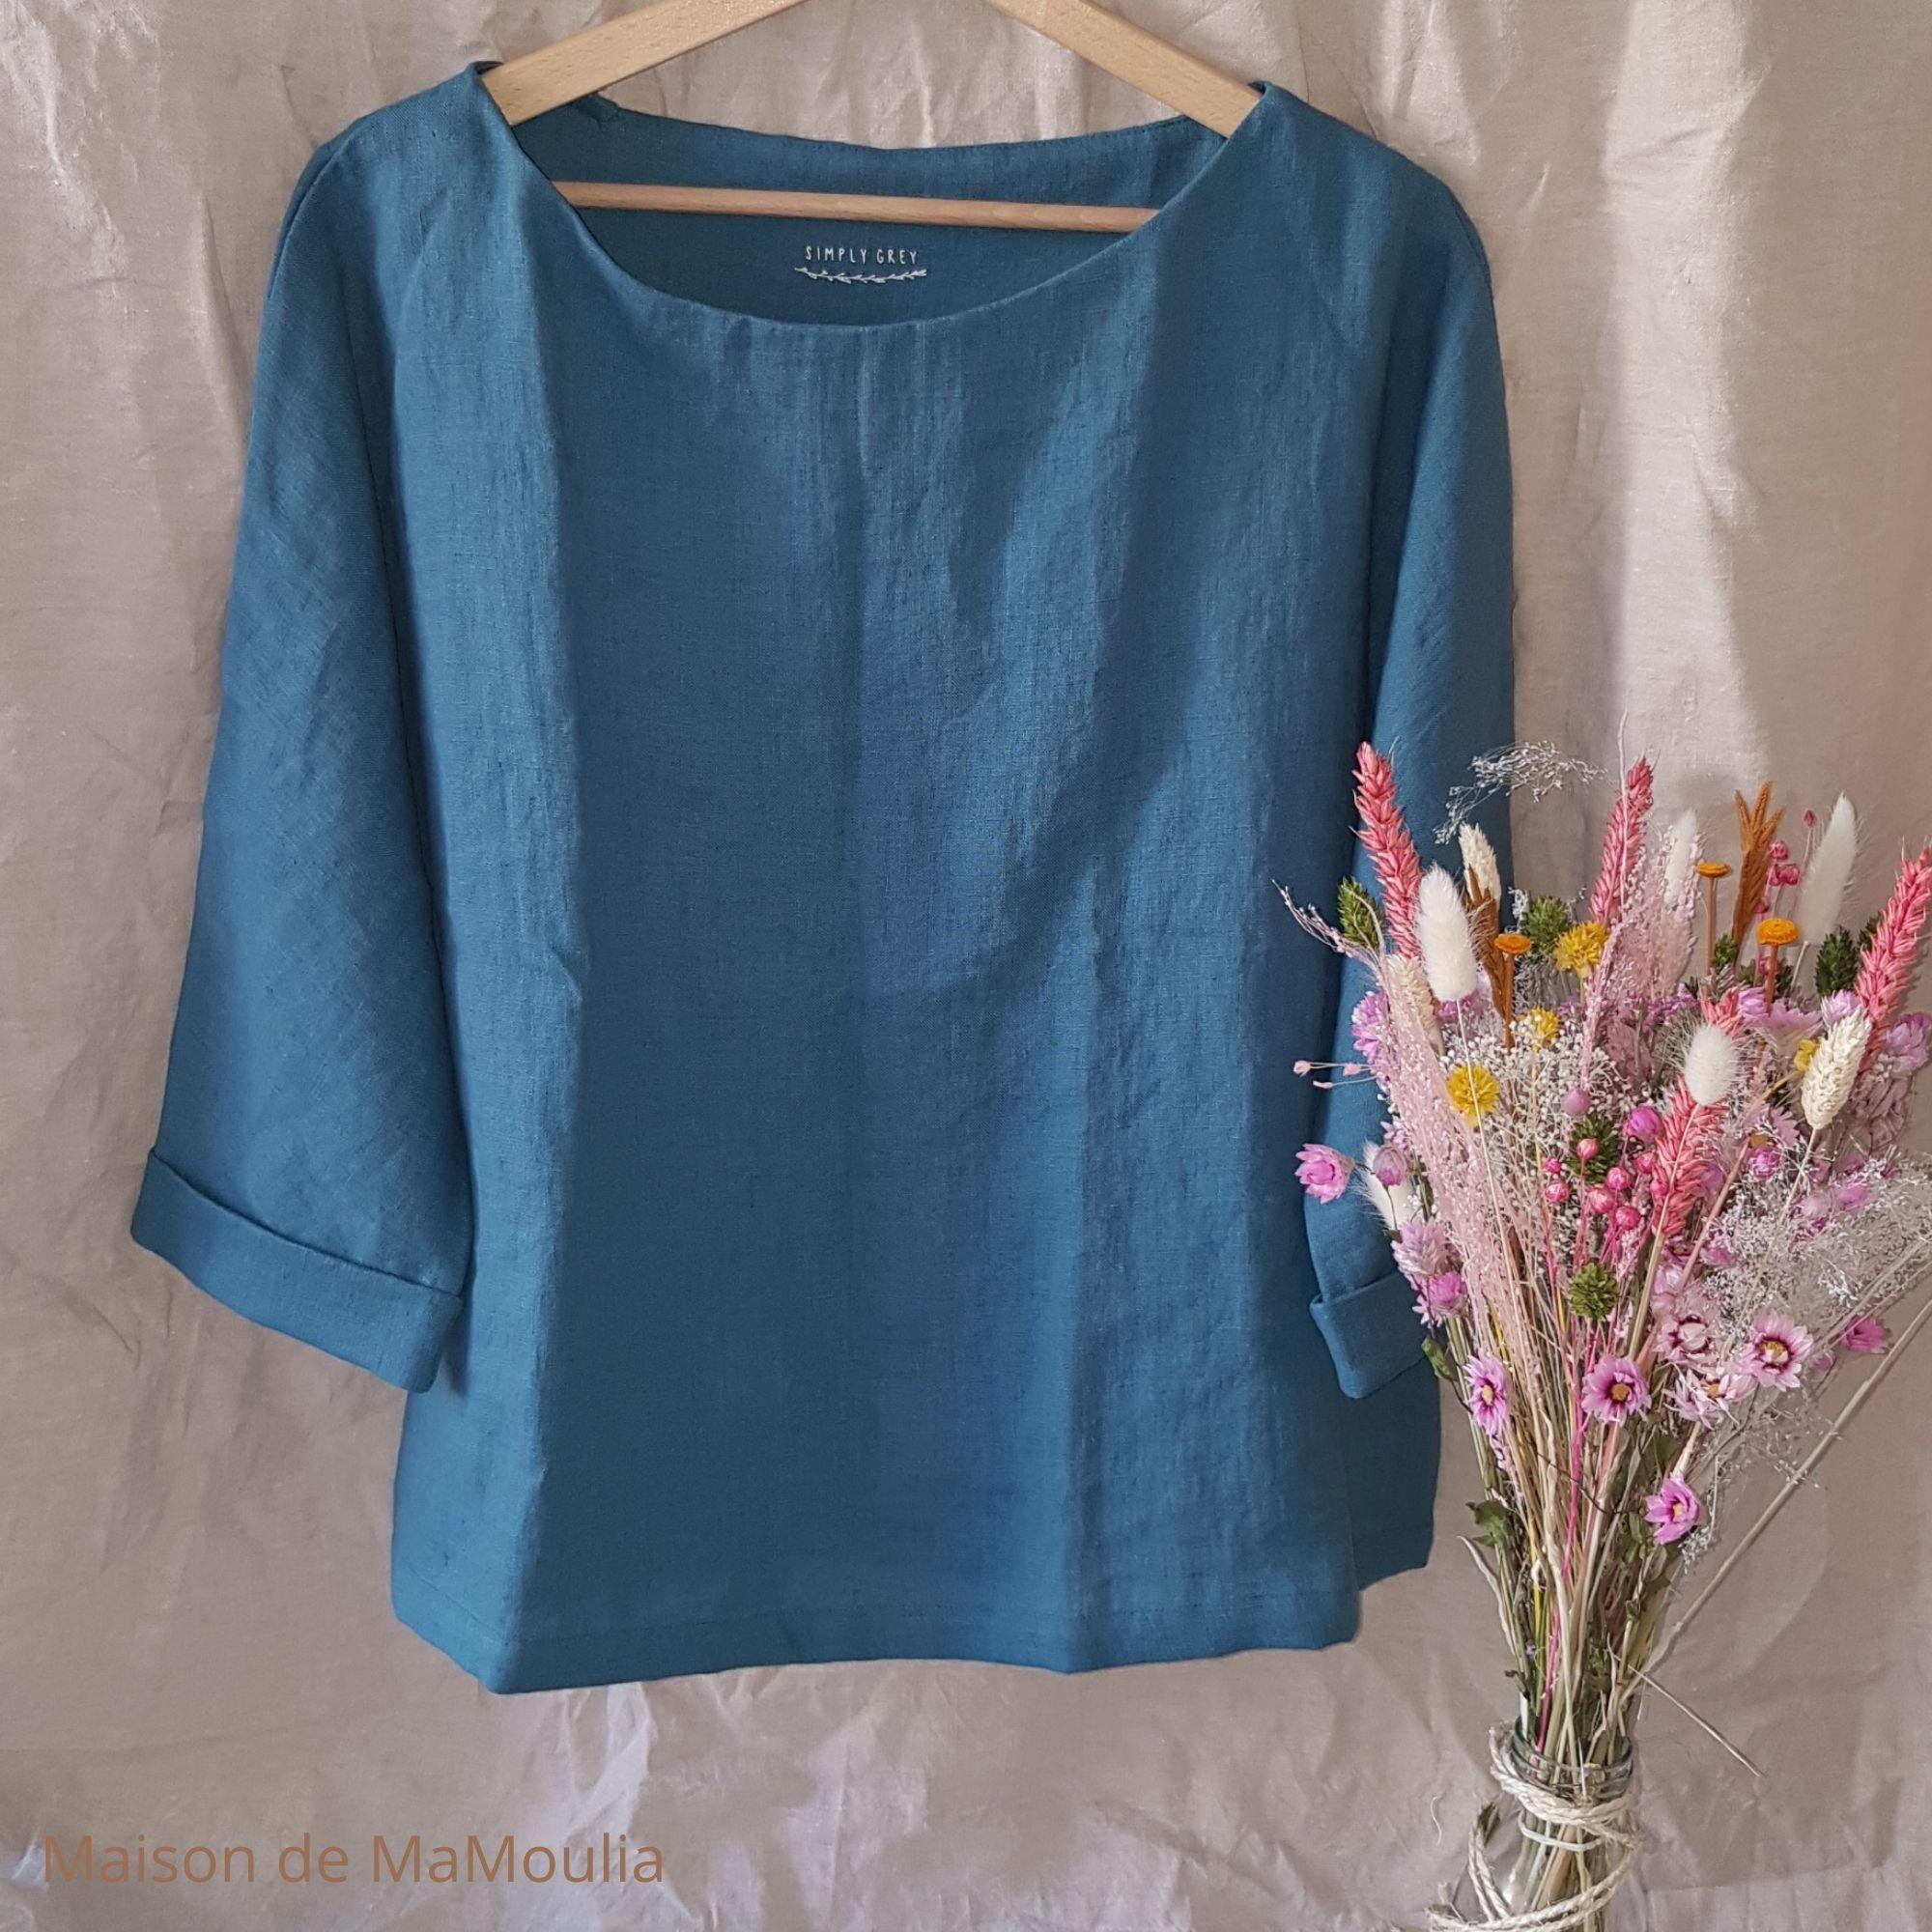 SIMPLY GREY - Blouse oversize - Manches 3/4 - pour femme - 100% lin lavé - Bleu Aqua